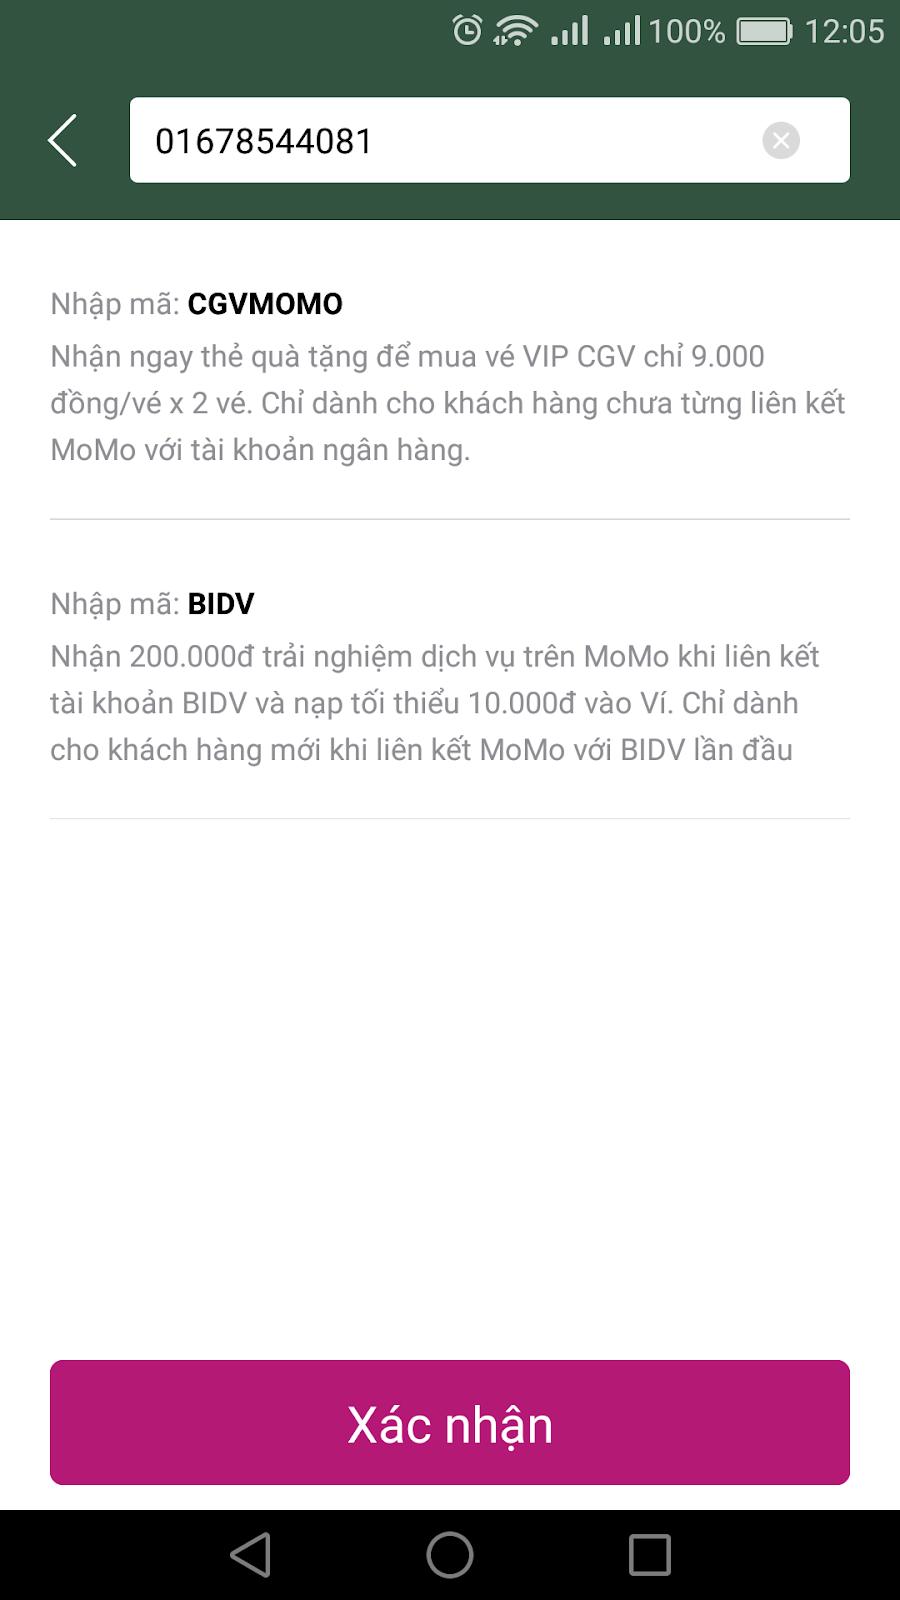 Kiếm tiền với ứng dụng momo nhận ngay 100K khi liên kết momo với tài khoản